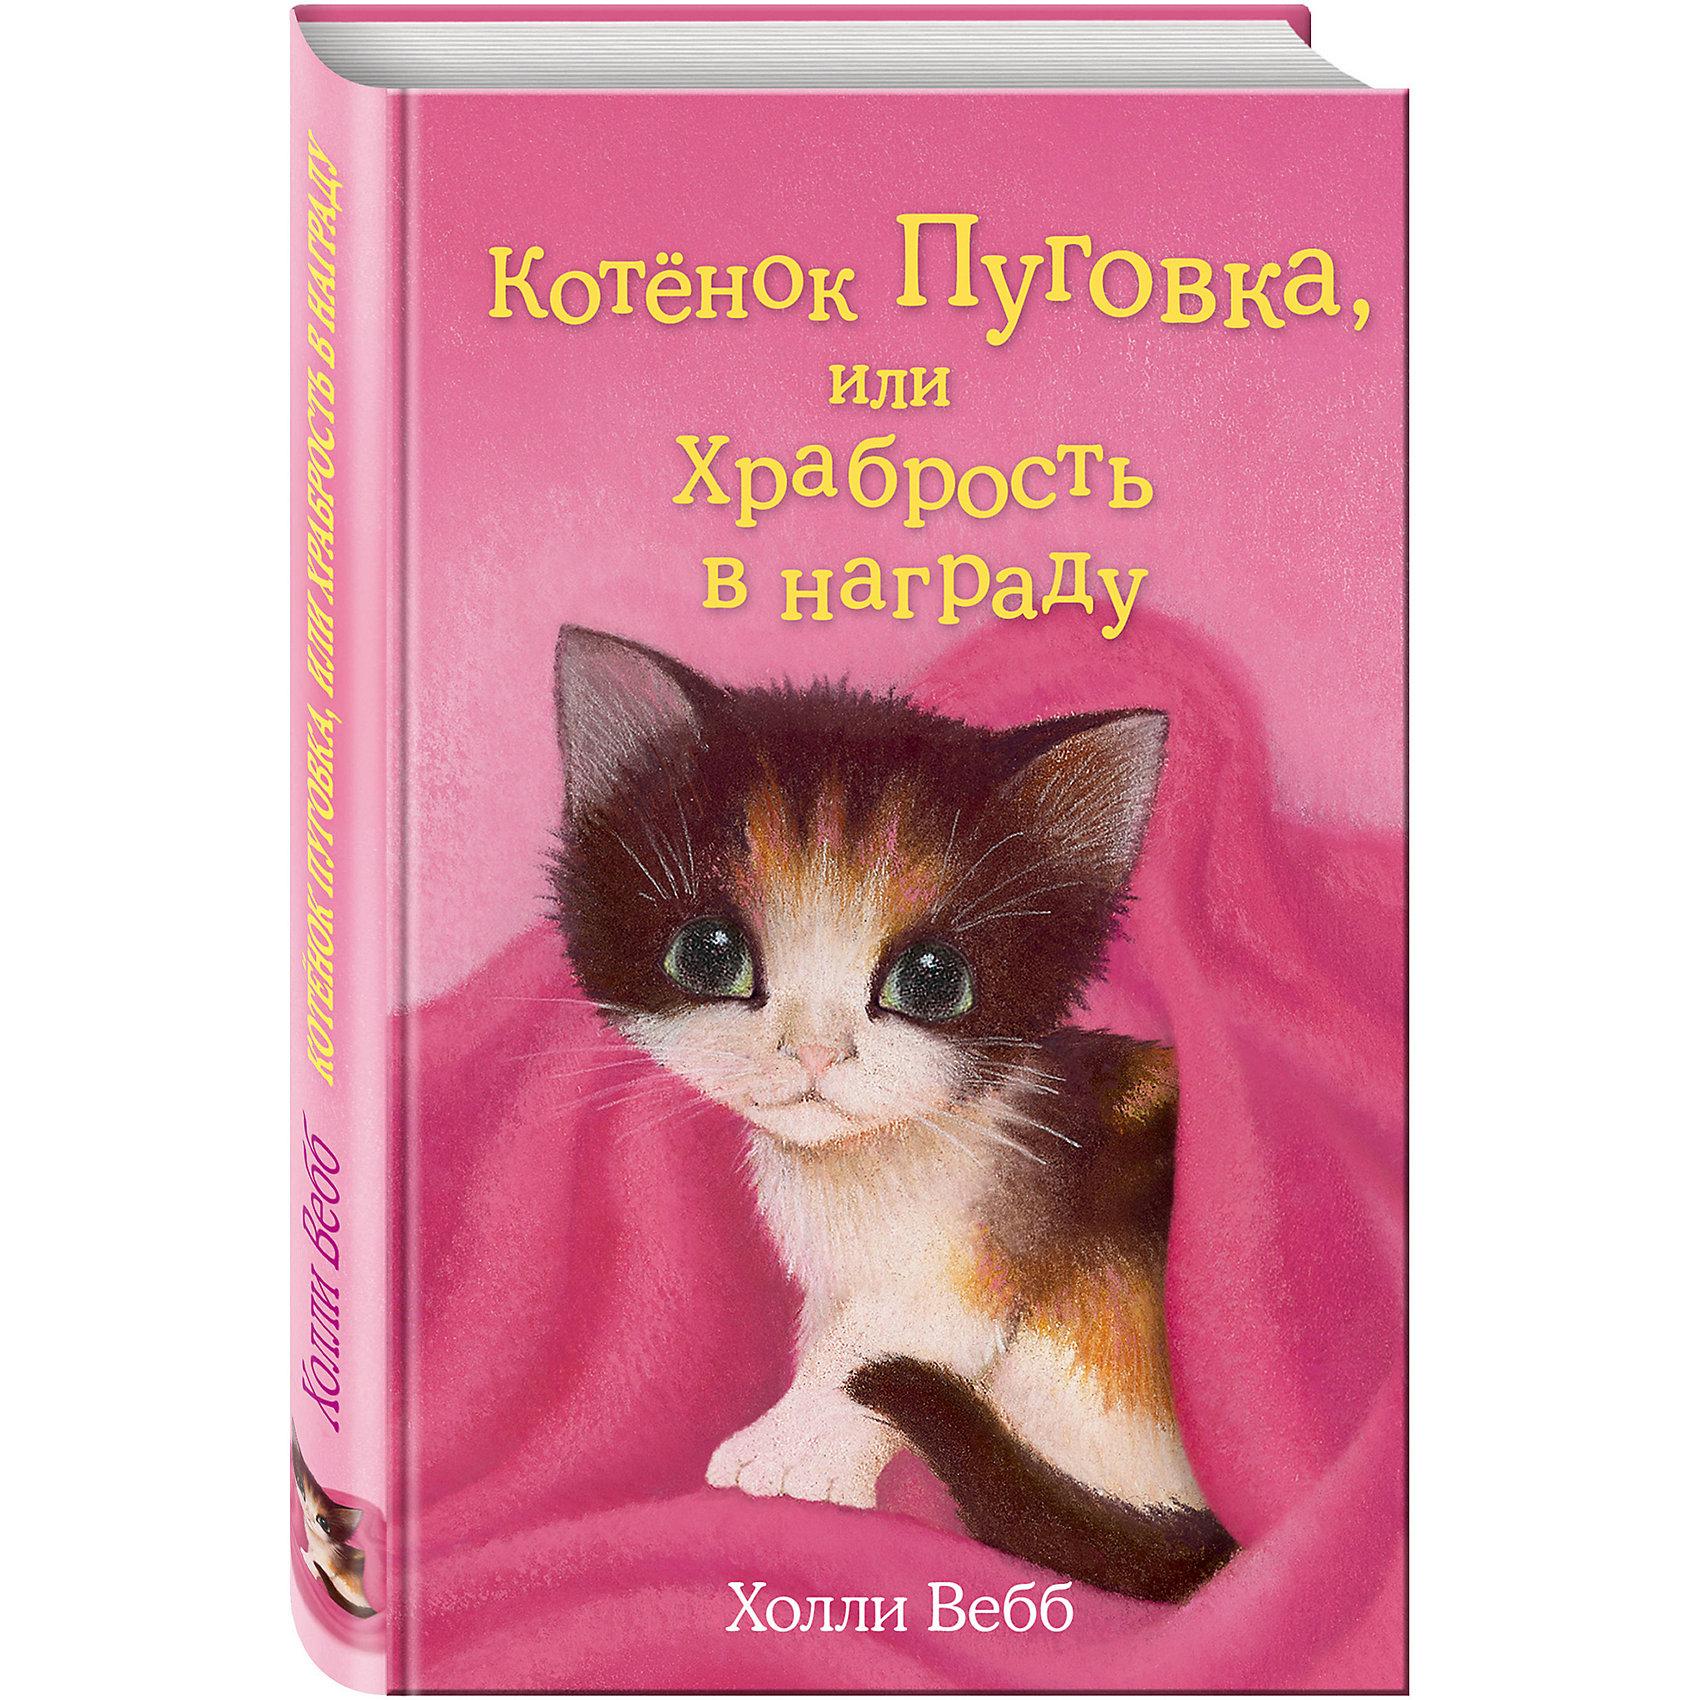 Котёнок Пуговка, или Храбрость в наградуРодители девочки Мэдди преподнесли ей перед каникулами сюрприз – котёнка! Прелестную трёхцветную кошечку назвали Пуговкой. Но оказалось, что сад при доме Мэдди считают своей собственностью два больших соседских кота. Постепенно коты совсем запугали бедную Пуговку. Стеснительной Мэдди пришлось вмешаться – но хозяин котов не захотел с ней разговаривать, и его питомцы продолжили безобразничать в чужом саду. А потом Пуговка и вовсе пропала. Мэдди тут же бросилась на поиски. Только для того, чтобы найти котёнка, ей надо преодолеть свою застенчивость и попросить о помощи…<br><br>Дополнительная информация:<br><br>- Автор: Вебб Холли.<br>- Художник: Вильямс Софи.<br>- Переводчик: Олейникова Е. В.<br>- Формат: 20,8х13,3 см.<br>- Переплет: твердый.<br>- Количество страниц: 144. <br>- Иллюстрации: черно-белые.<br><br>Книгу Котёнок Пуговка, или Храбрость в награду можно купить в нашем магазине.<br><br>Ширина мм: 200<br>Глубина мм: 125<br>Высота мм: 13<br>Вес г: 258<br>Возраст от месяцев: 72<br>Возраст до месяцев: 84<br>Пол: Унисекс<br>Возраст: Детский<br>SKU: 4414986